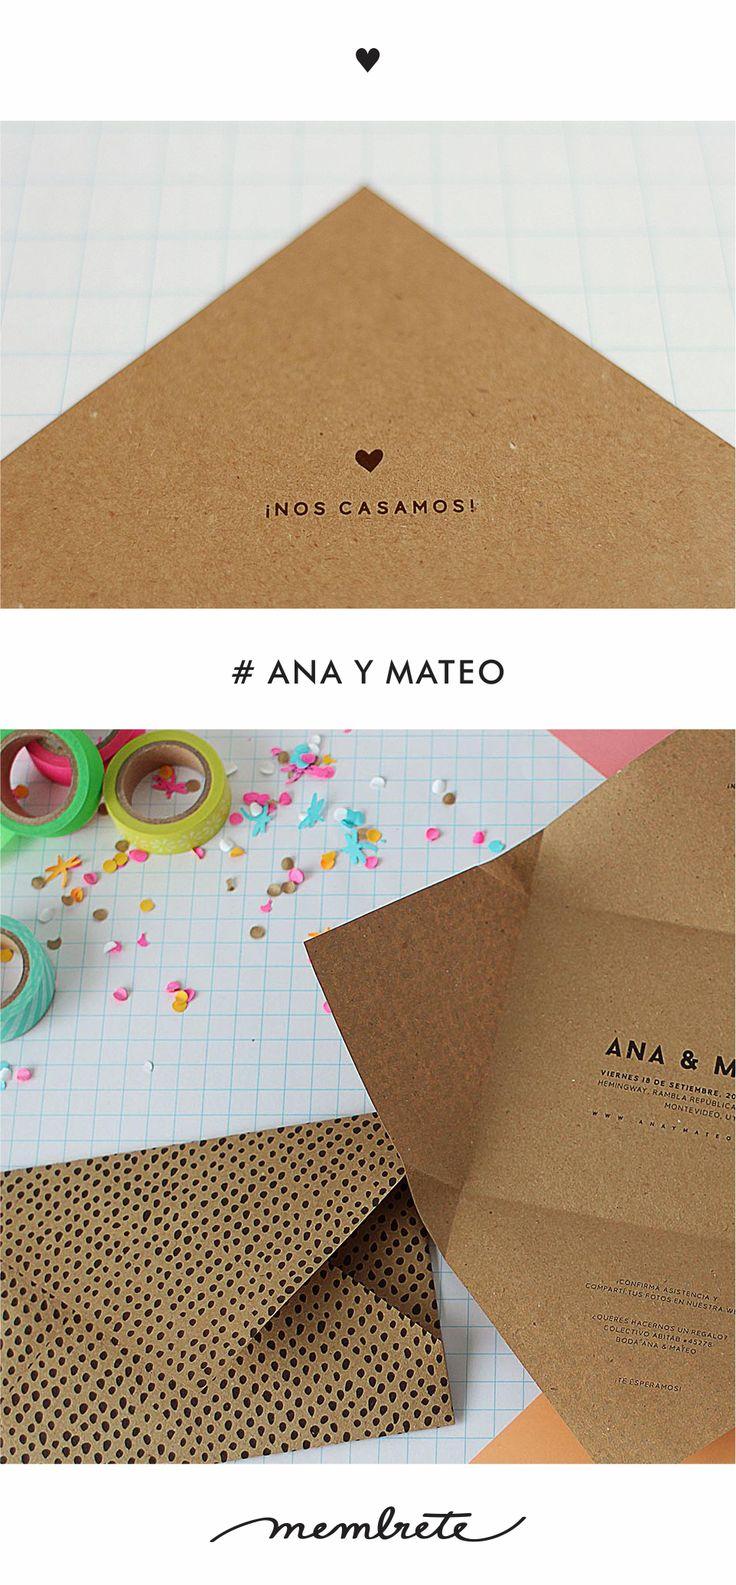 Ana & Mateo ♥ Membrete   Invitaciones en papel   www.membrete.com.uy